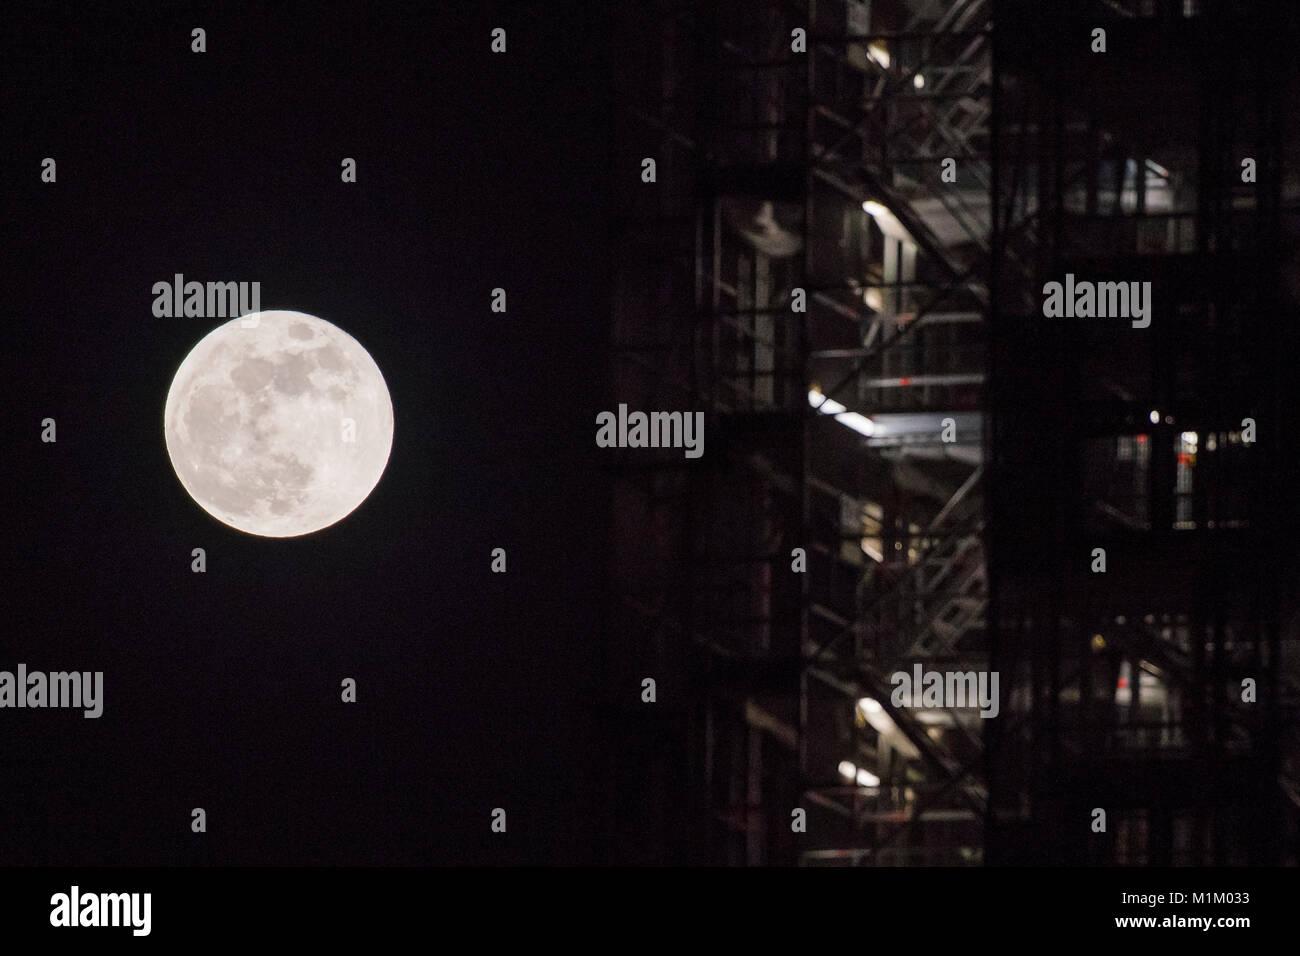 Londra, Regno Unito. Il 31 gennaio, 2018. La luna sorge accanto al Big Ben - una rara convergenza celeste doppiato Immagini Stock